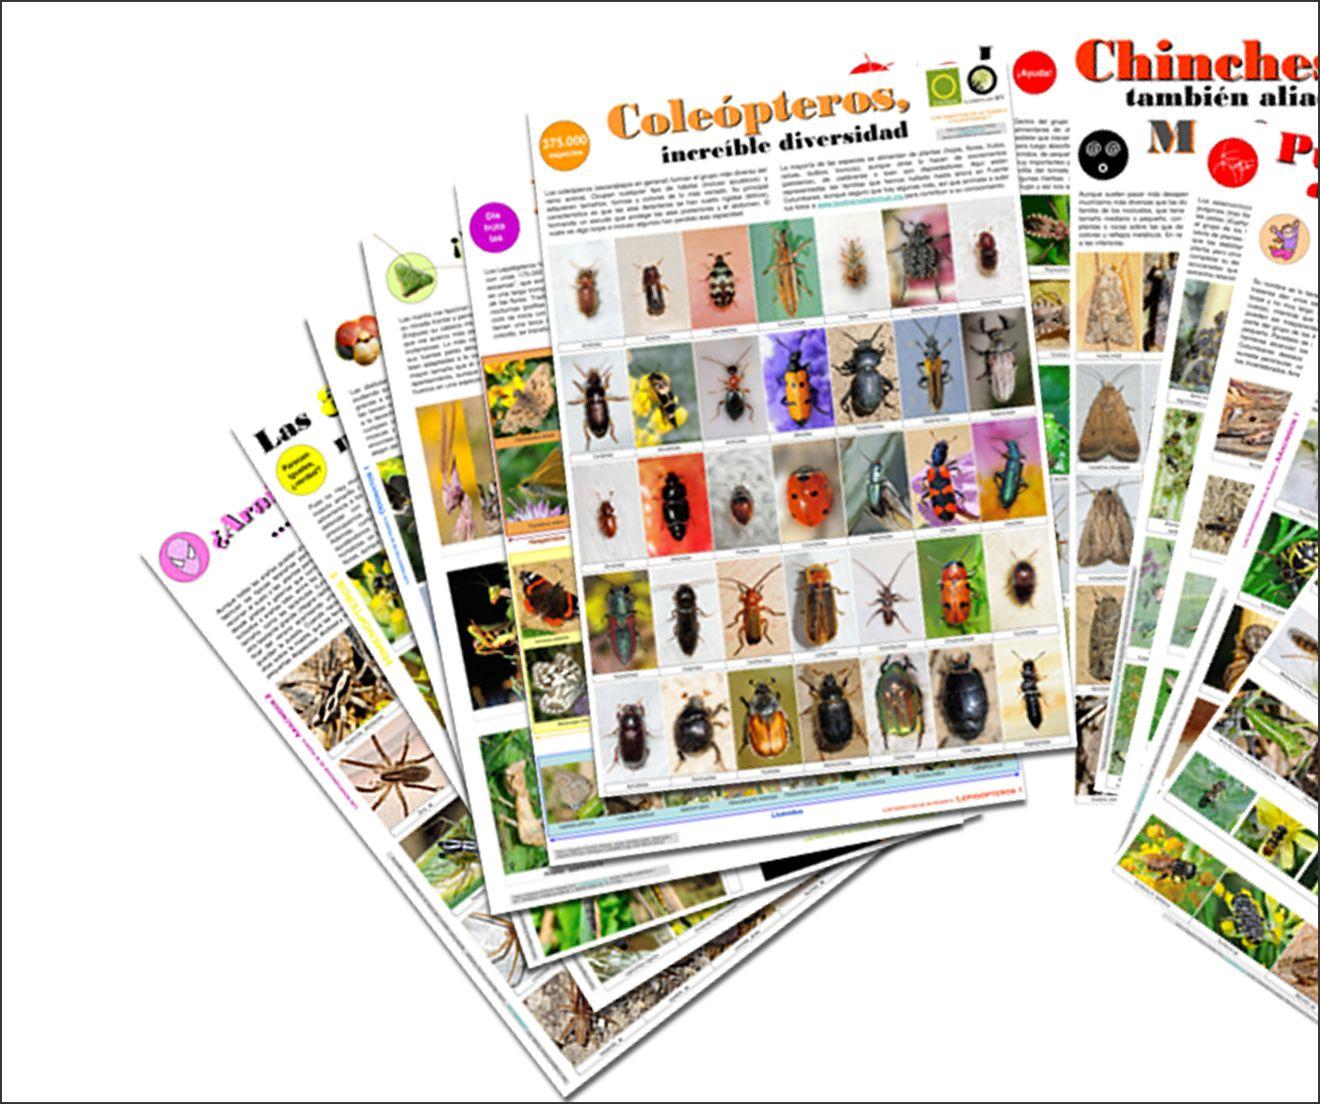 bichos - Donaciones Láminas Insectos